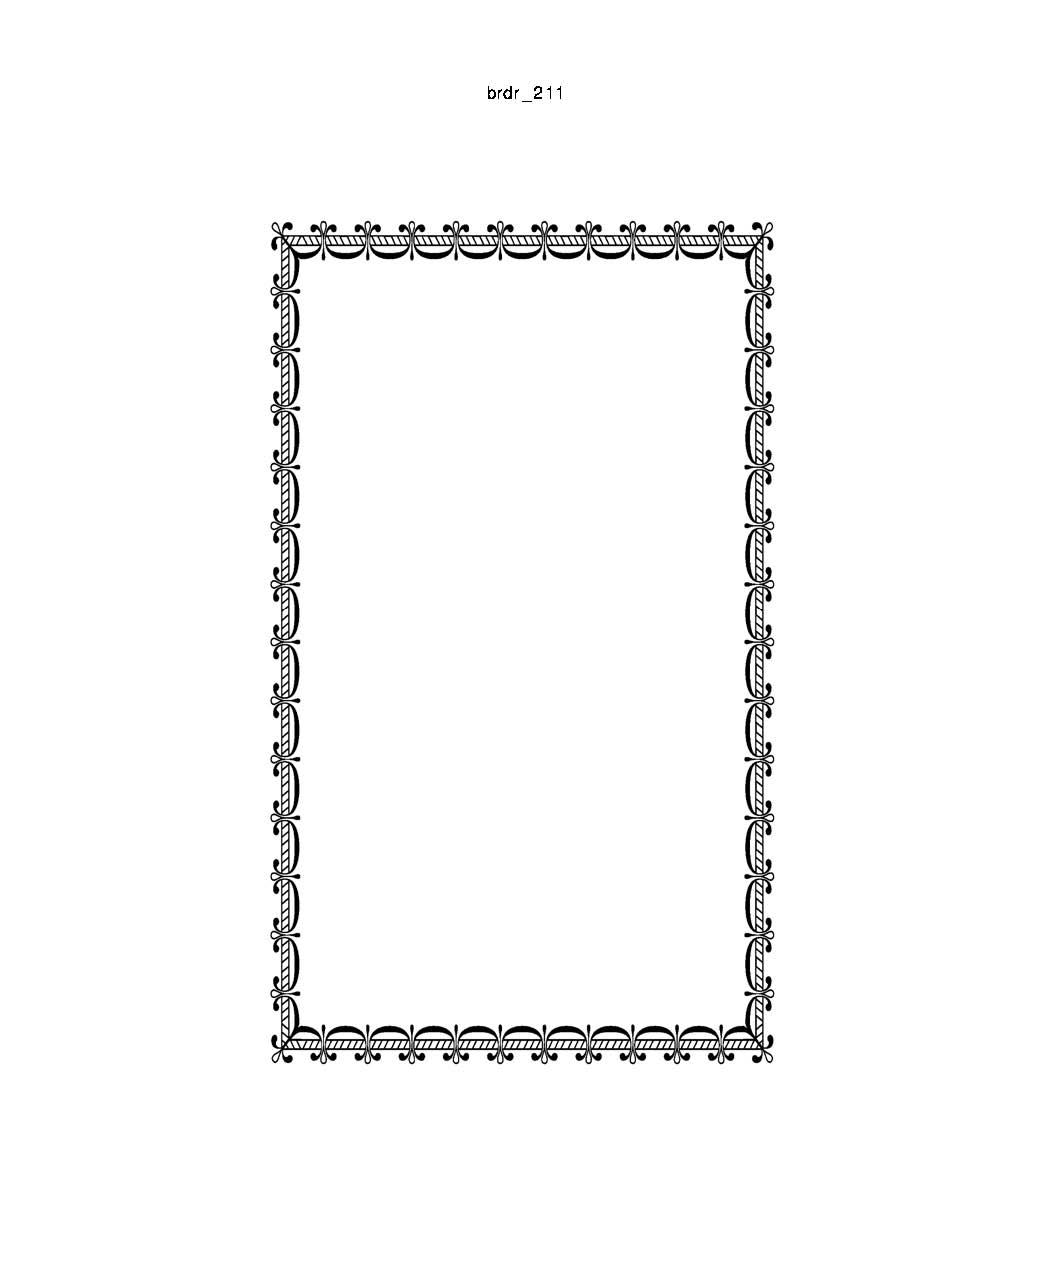 Border Design Idea